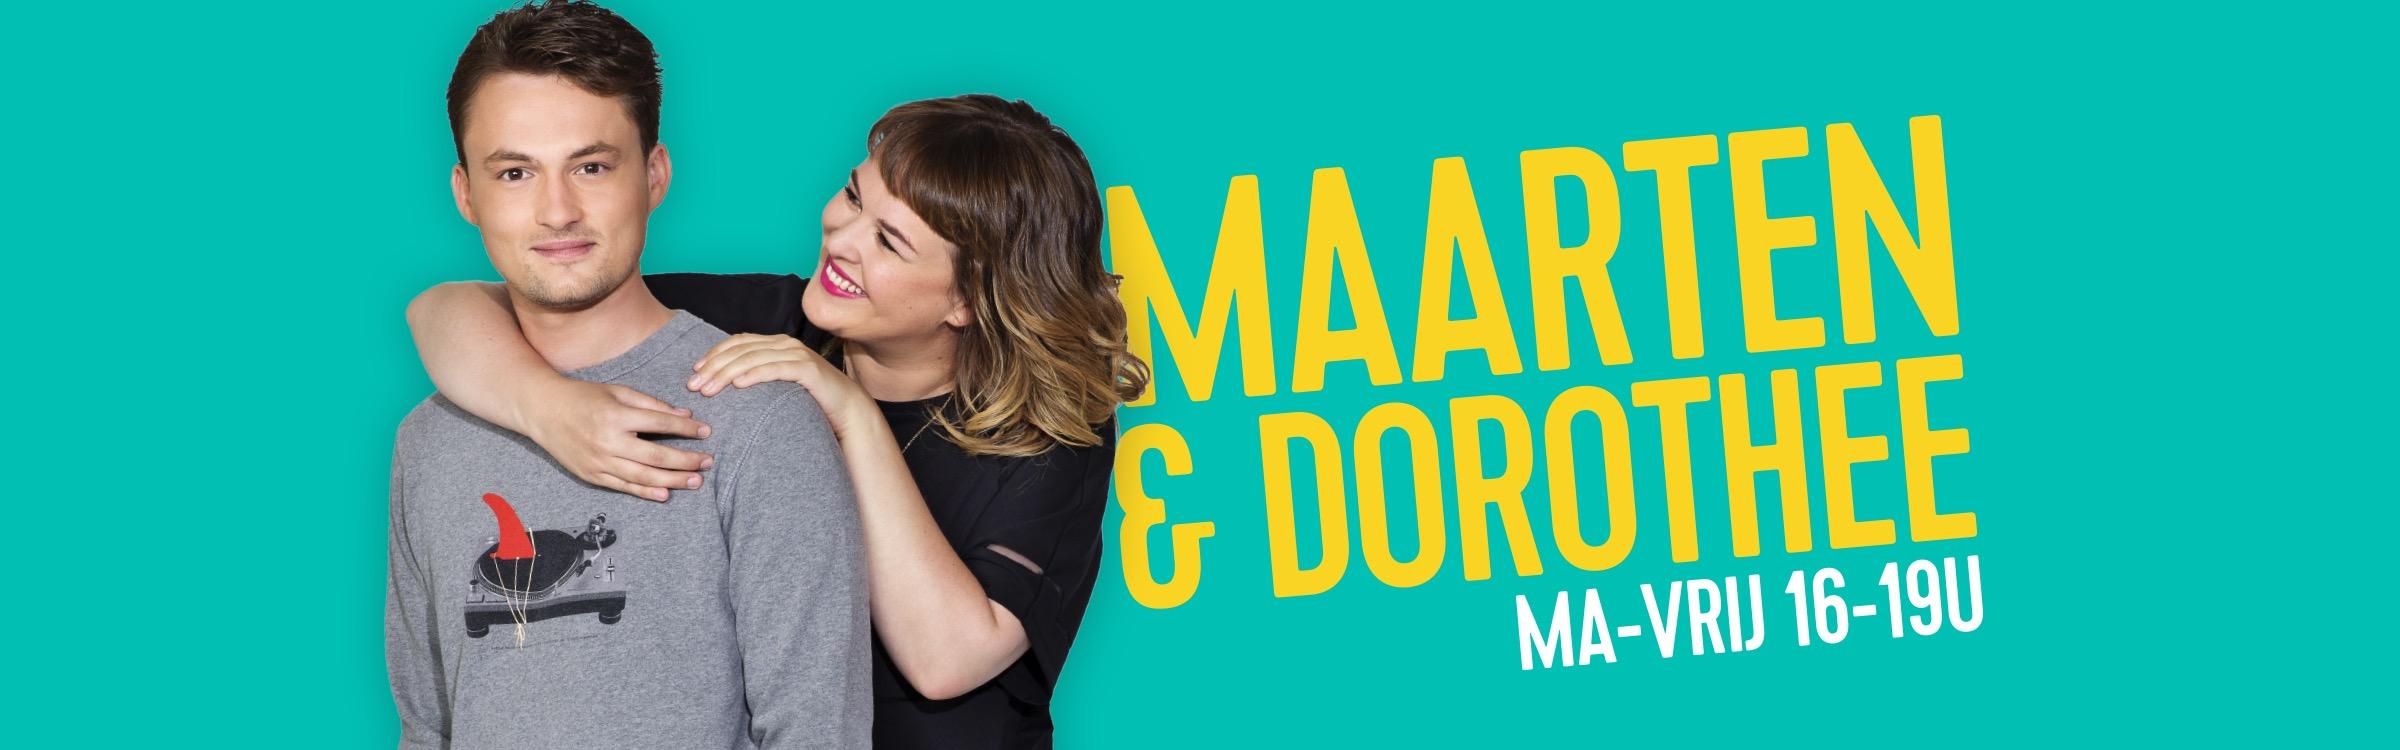 Maarten & Dorothee